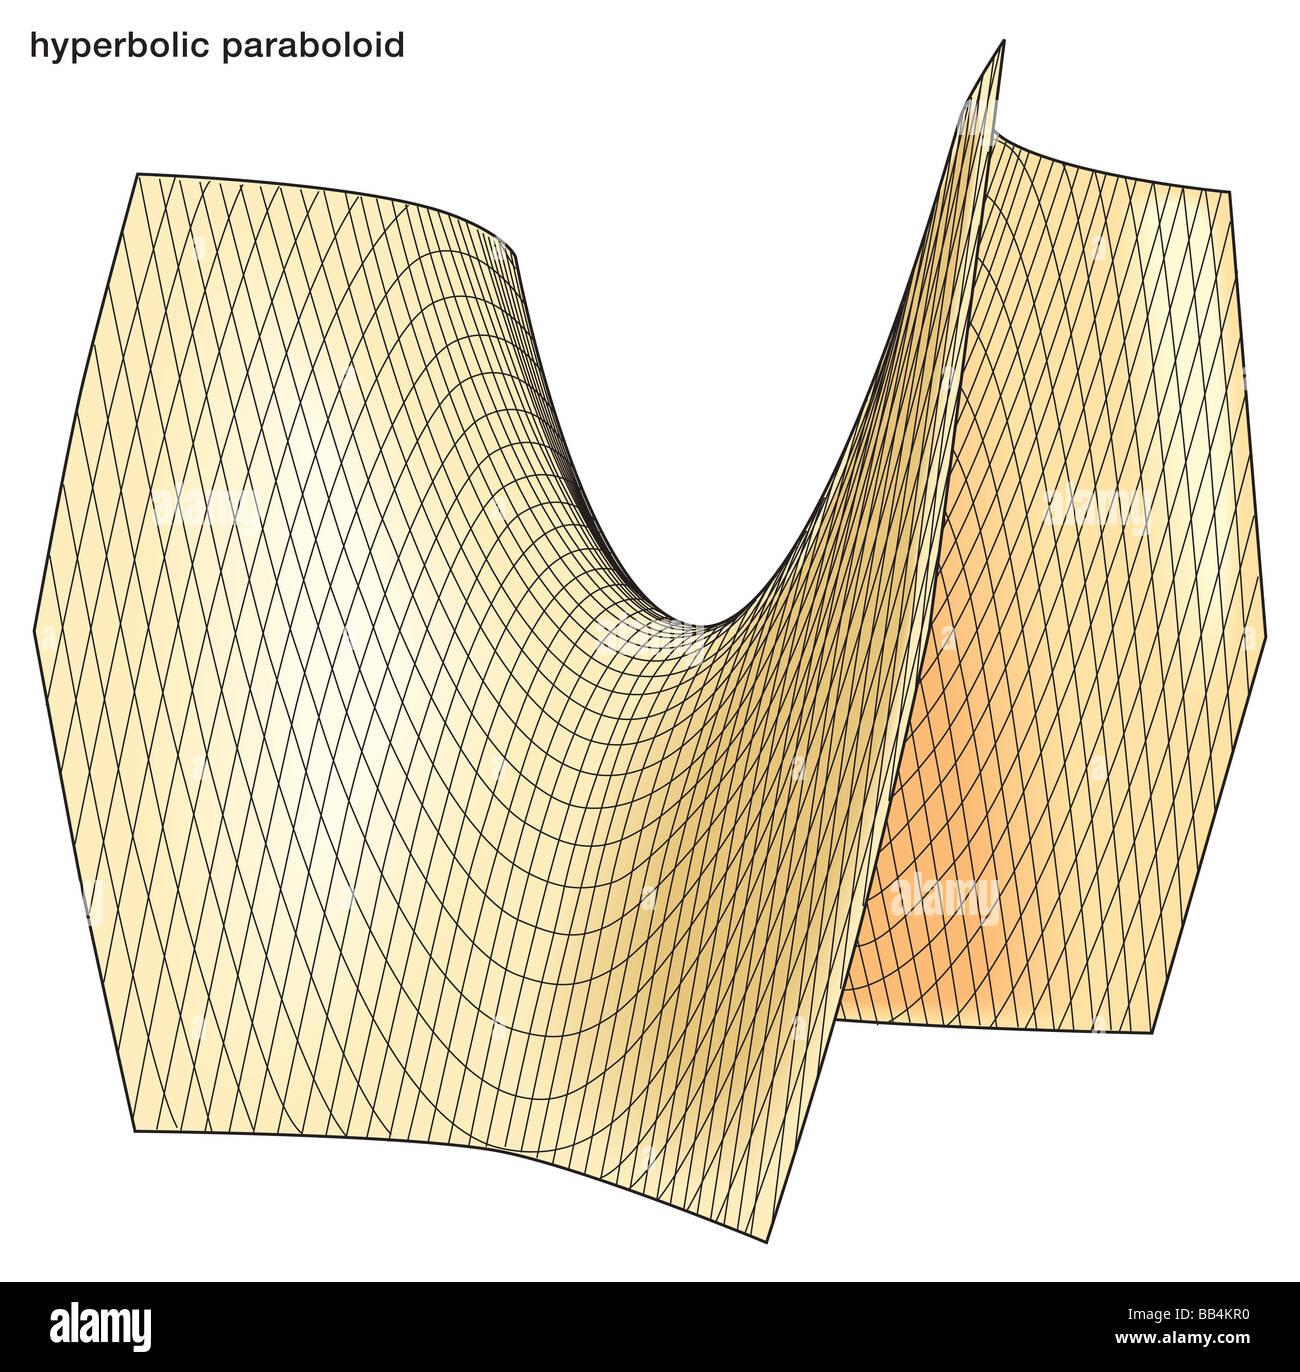 Ein Beispiel für einen hyperbolischen Paraboloids. Die Abbildung zeigt einen Teil der hyperbolischen Paraboloids Stockbild